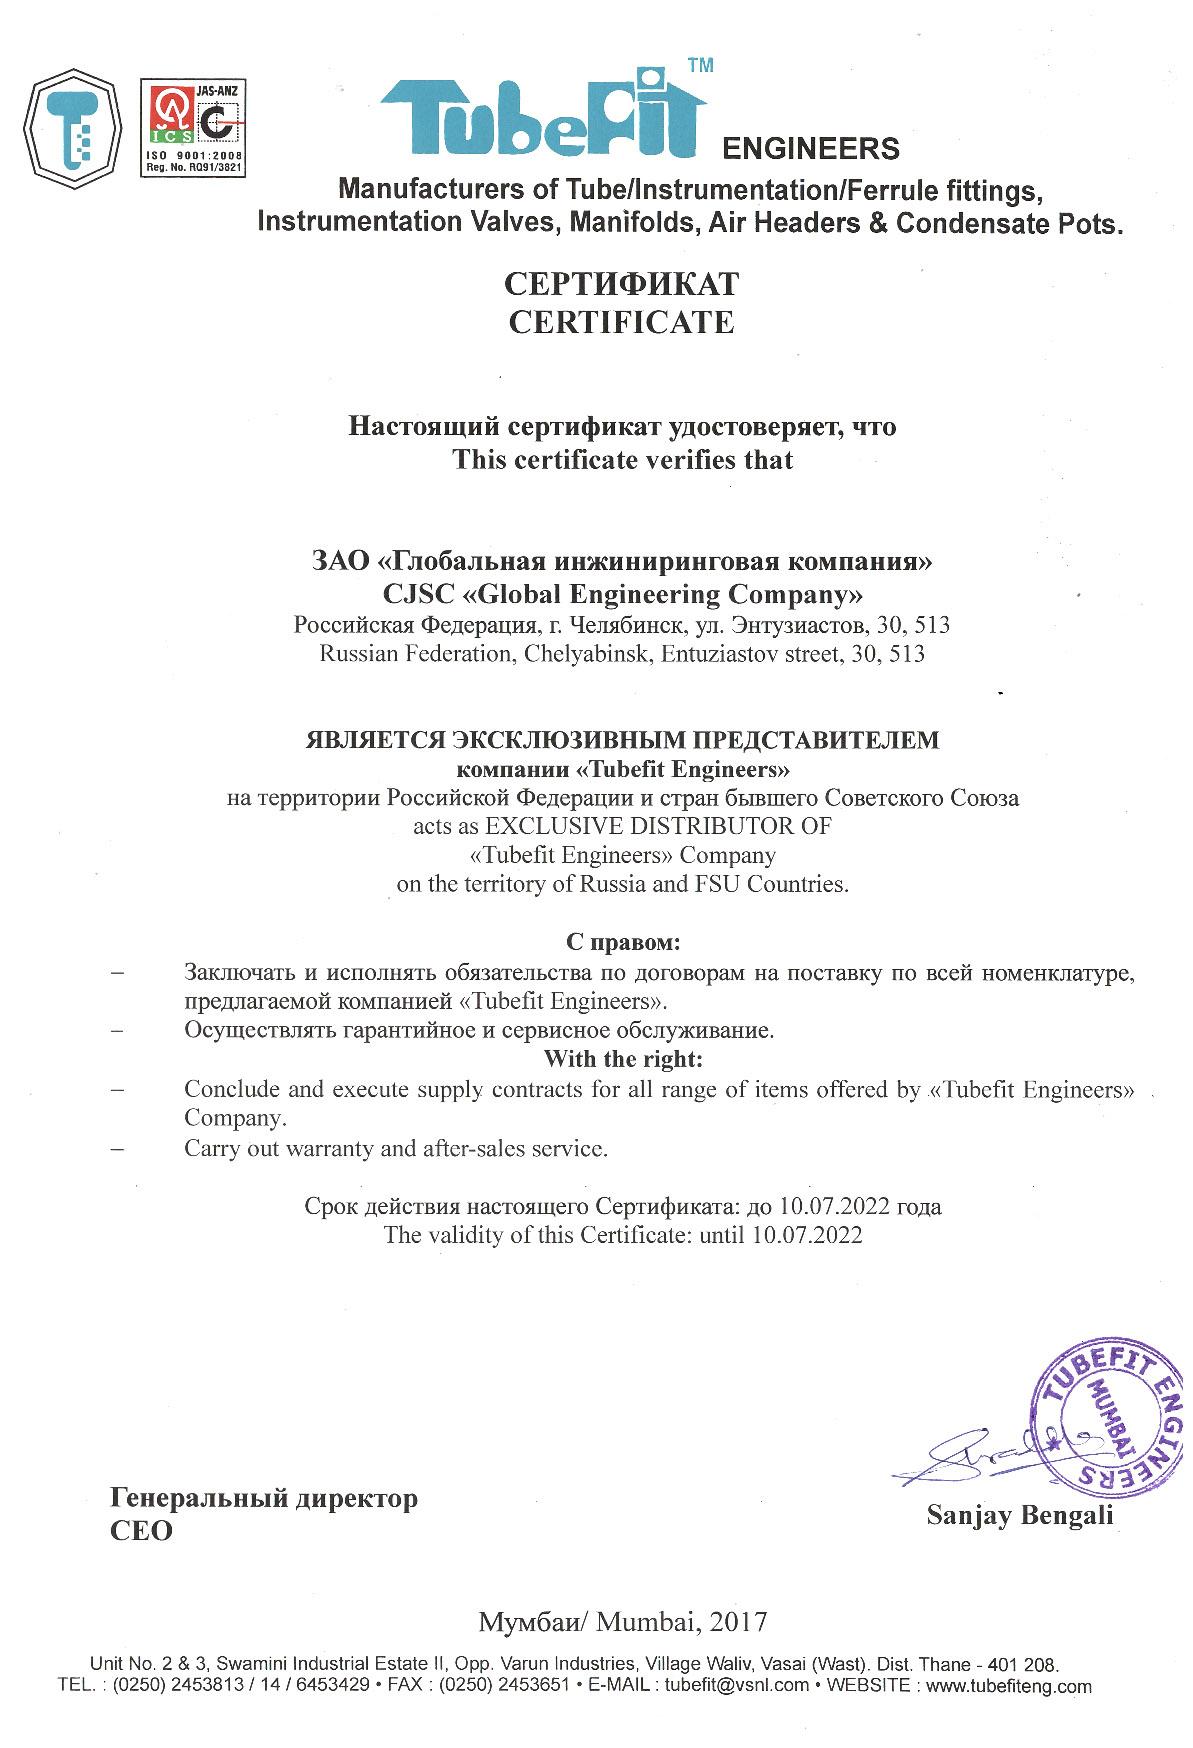 Сертификат об эксклюзивном представительстве